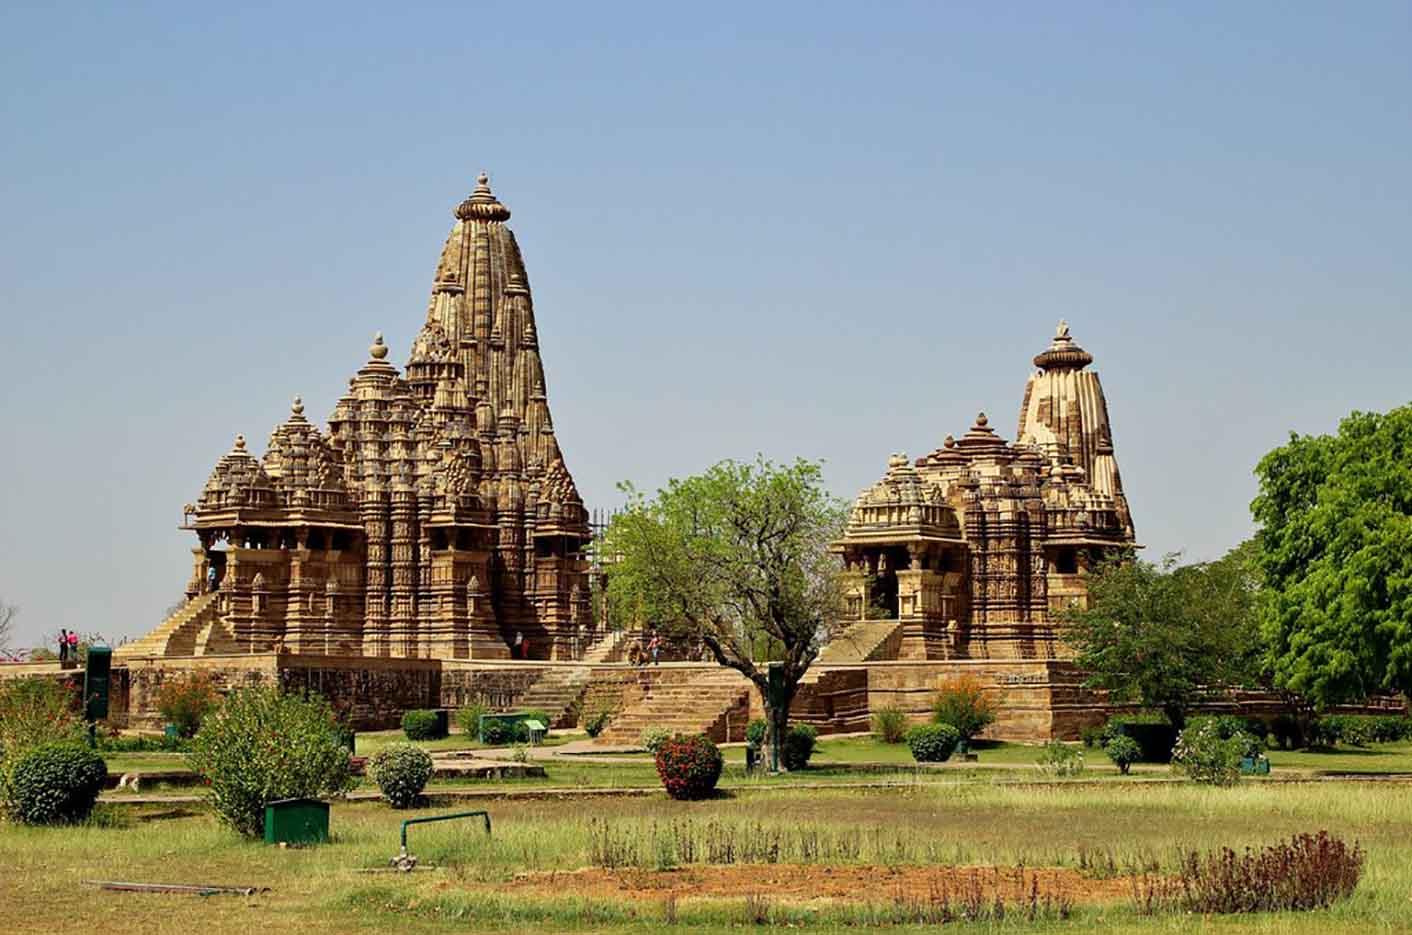 Храмы Кхаджурахо, Khajuraho Temples - 11